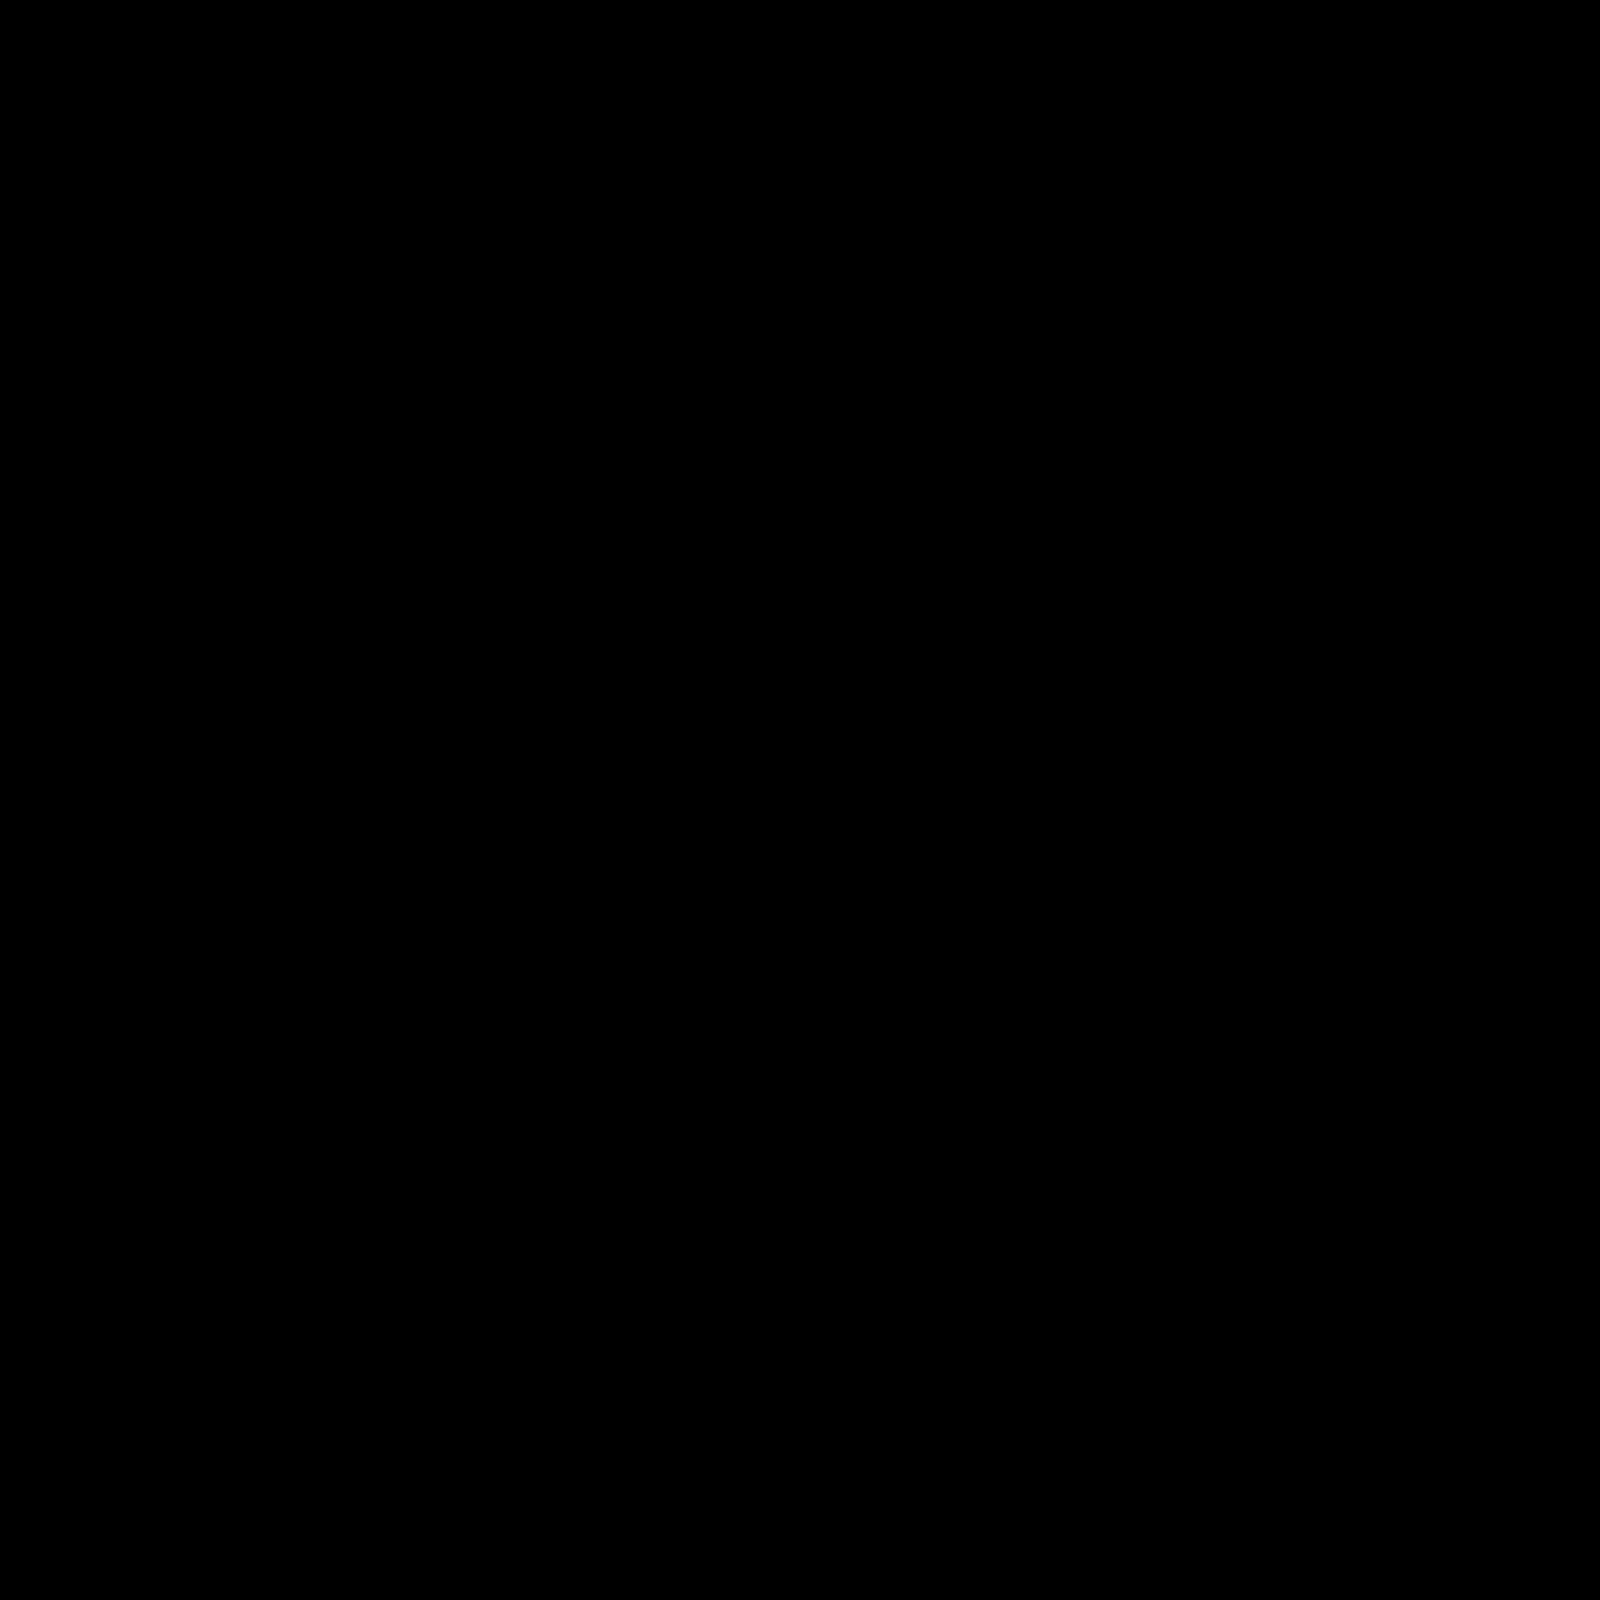 siatka icon